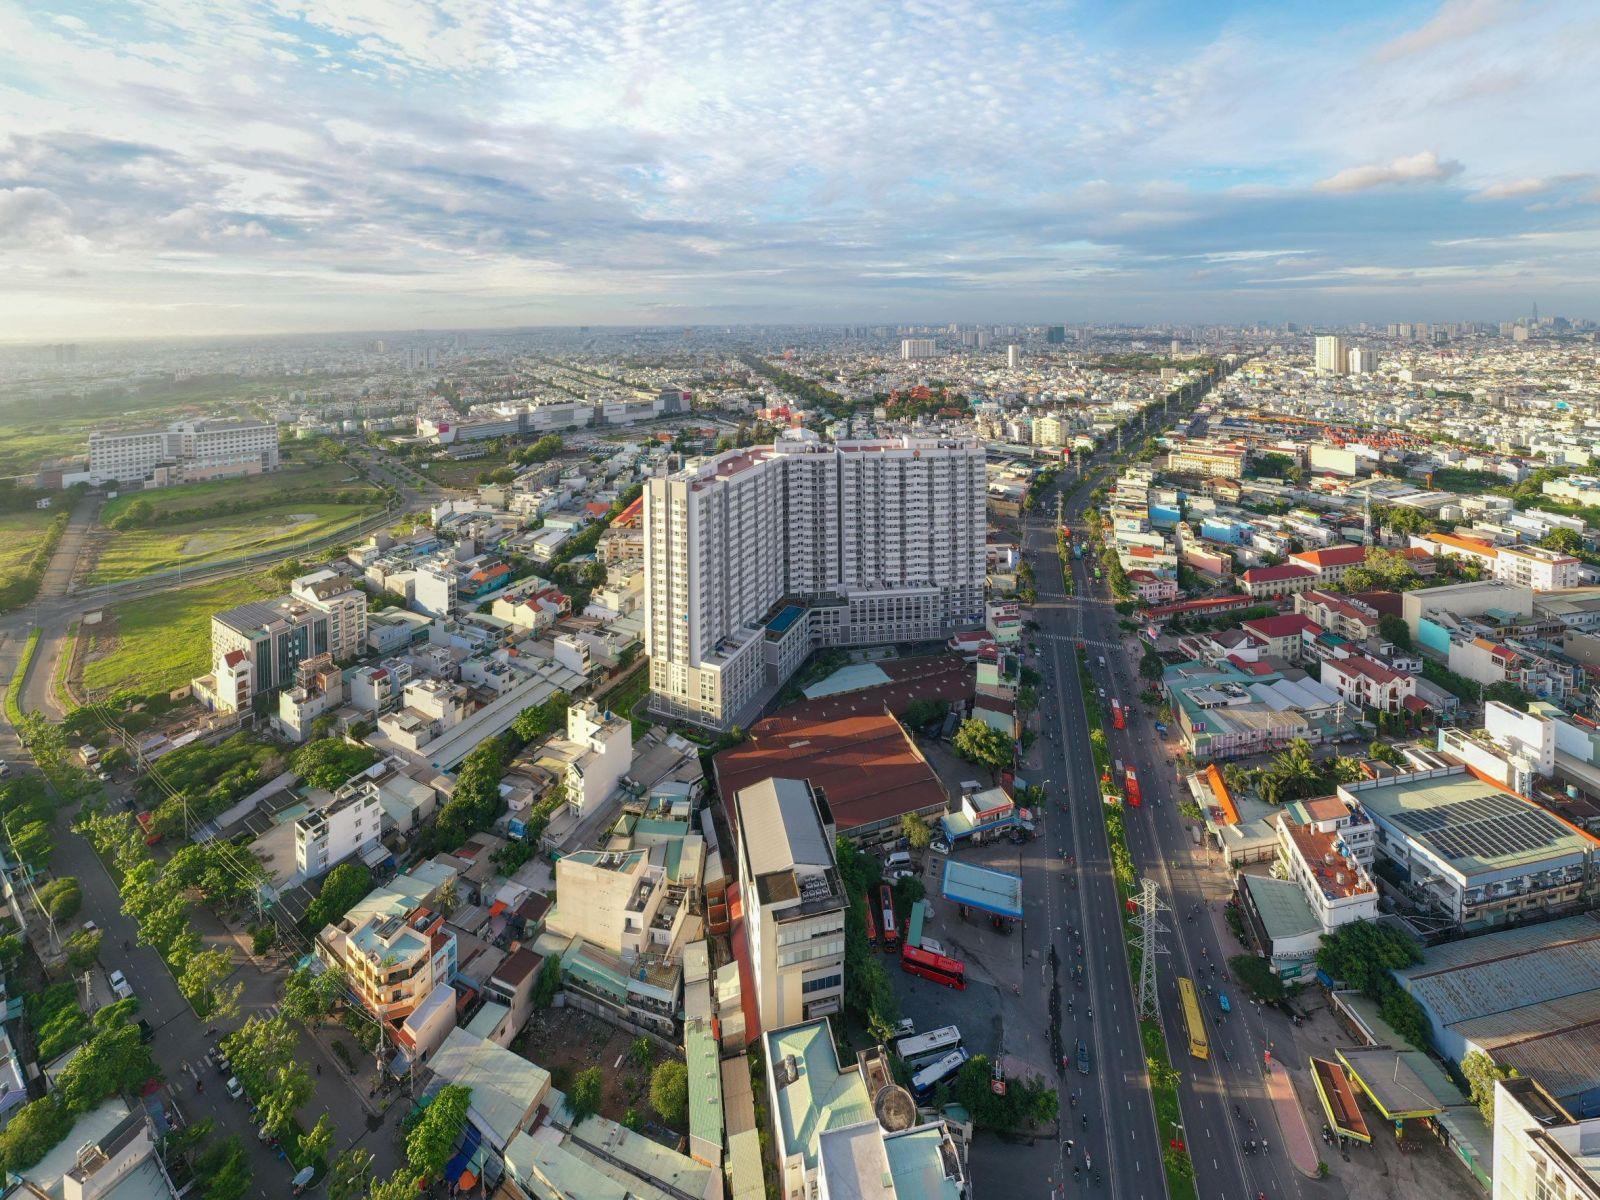 Hạ tầng quận Bình Tân hoàn thiện với nhiều tuyến đường lớn rộng thoáng. (Ảnh: Hưng Thịnh Land)